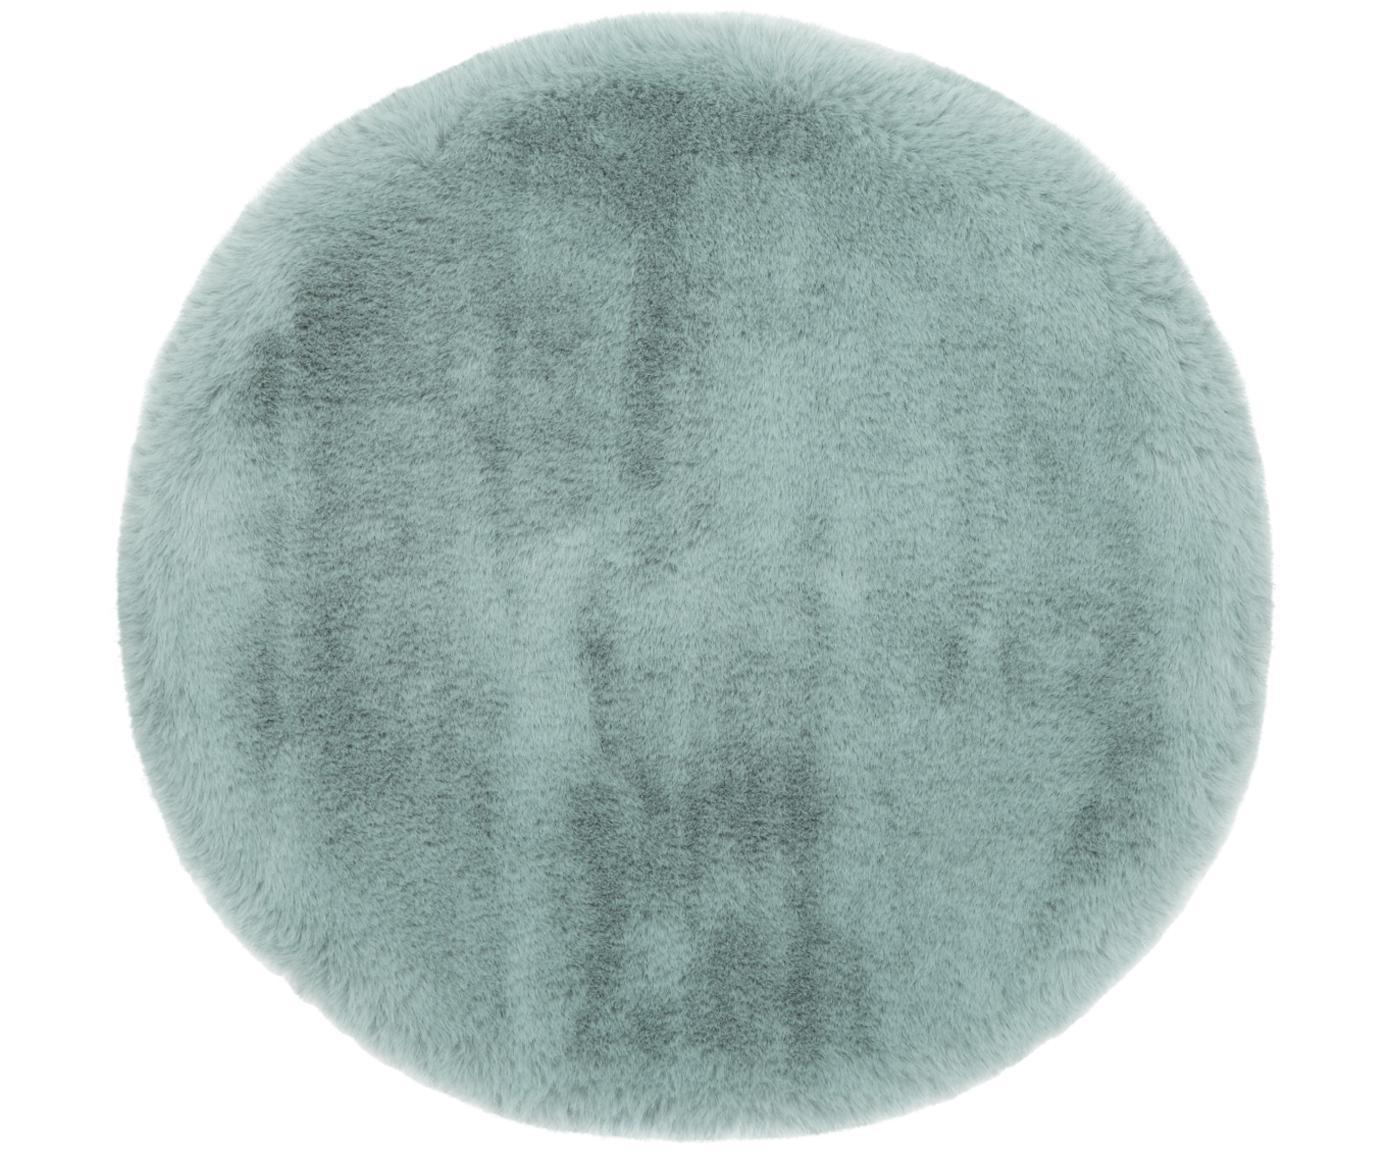 Nakładka na siedzisko ze sztucznego futra Mette, gładka, Zielony, Ø 37 cm